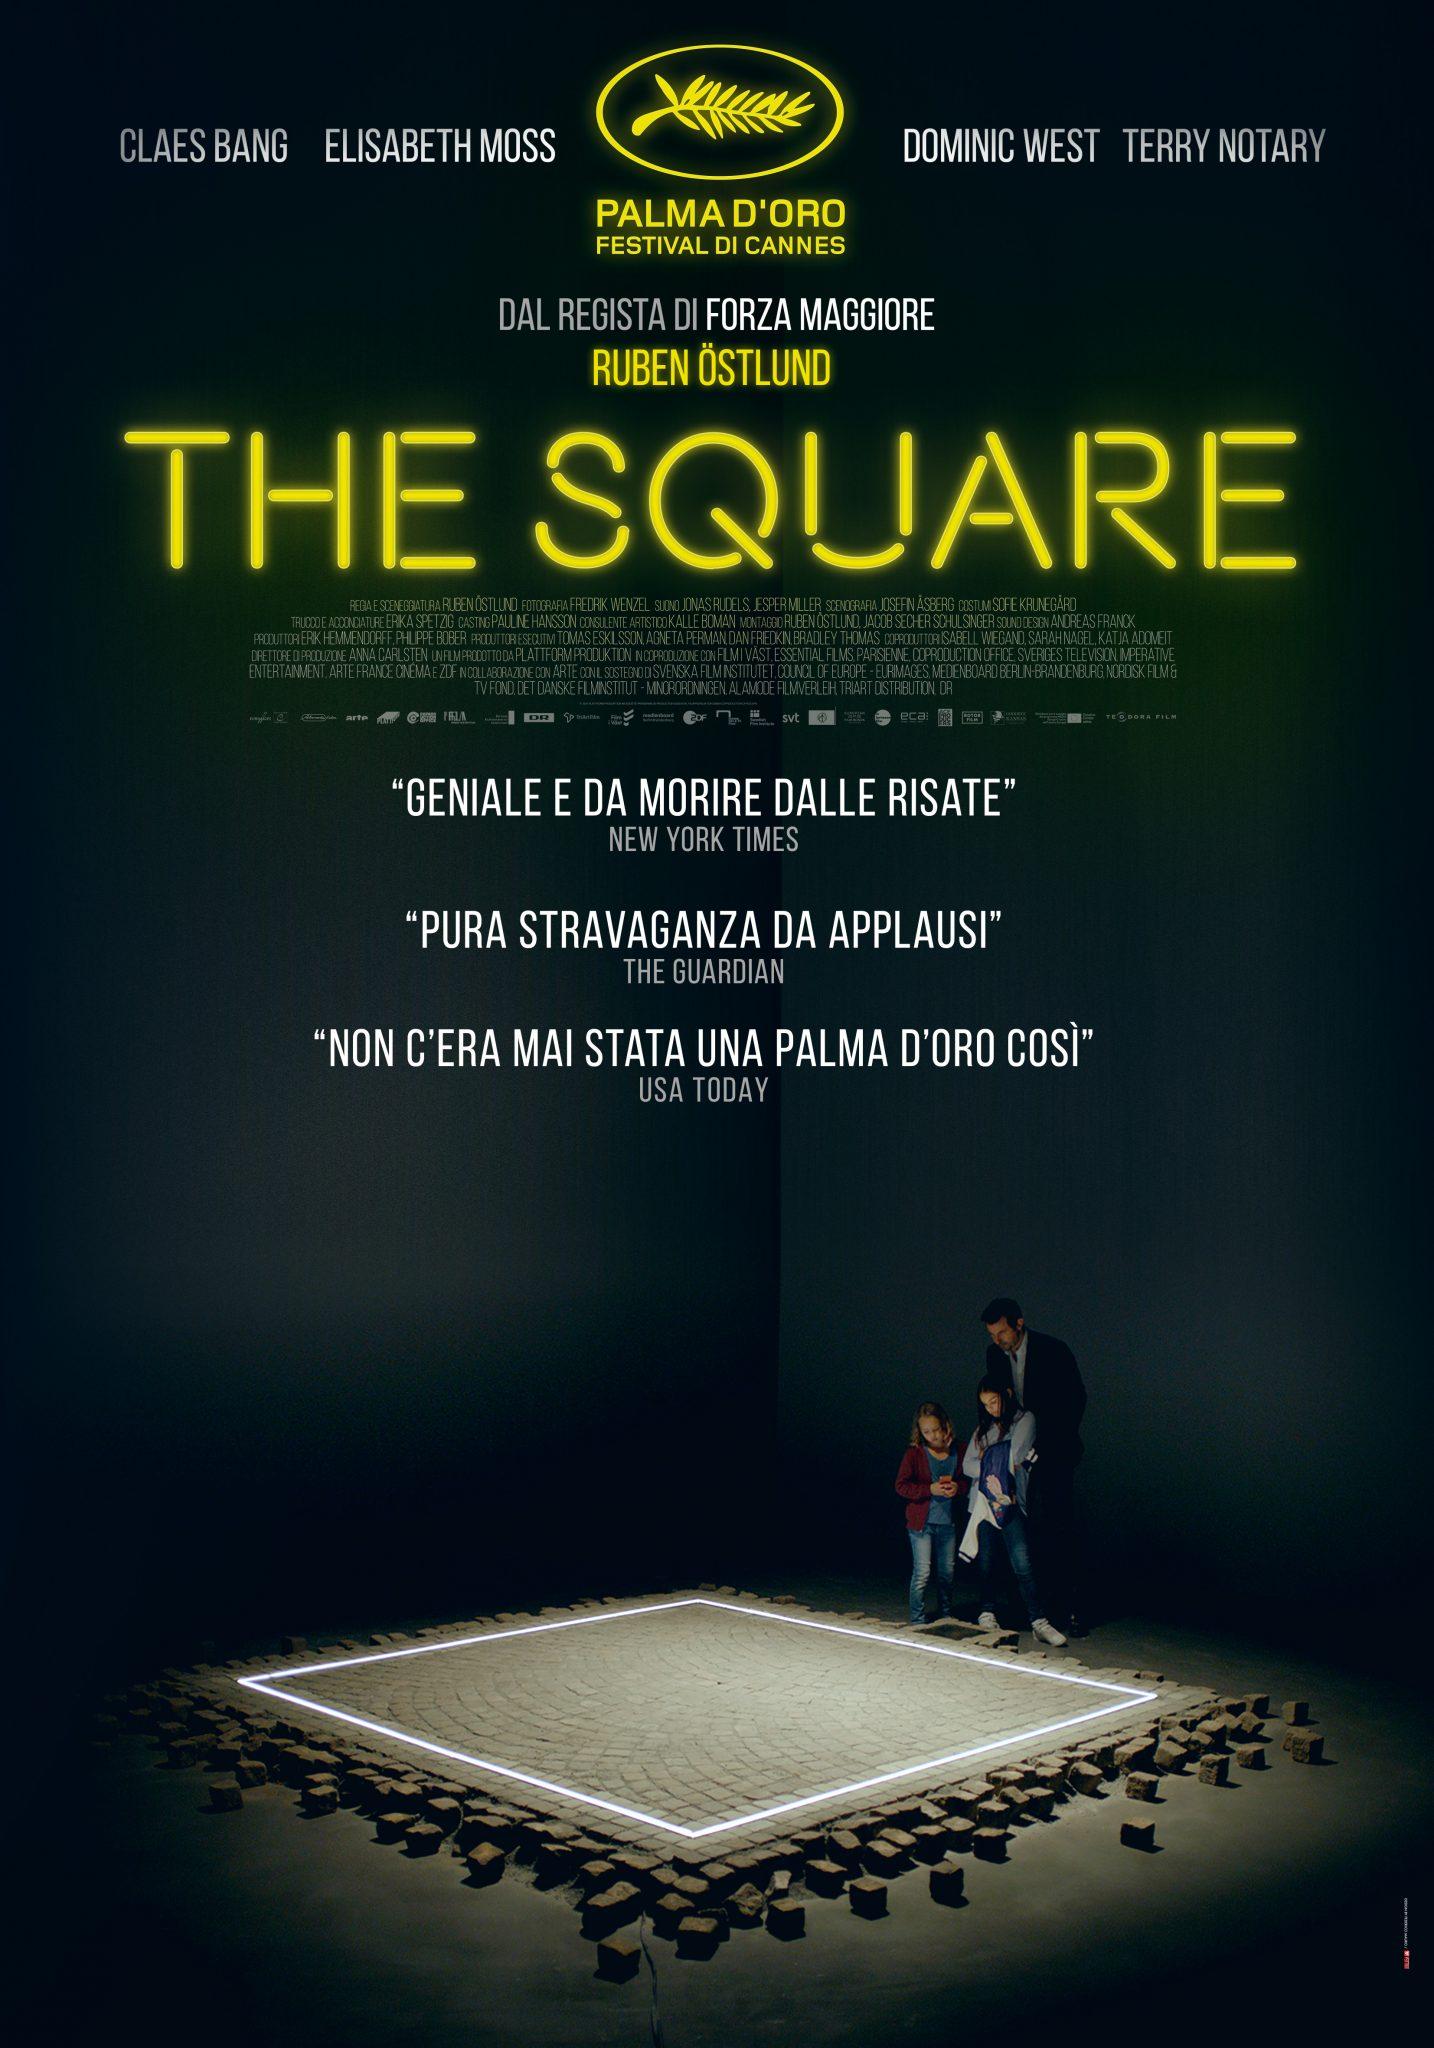 The square: il gioco della fiducia scende in piazza